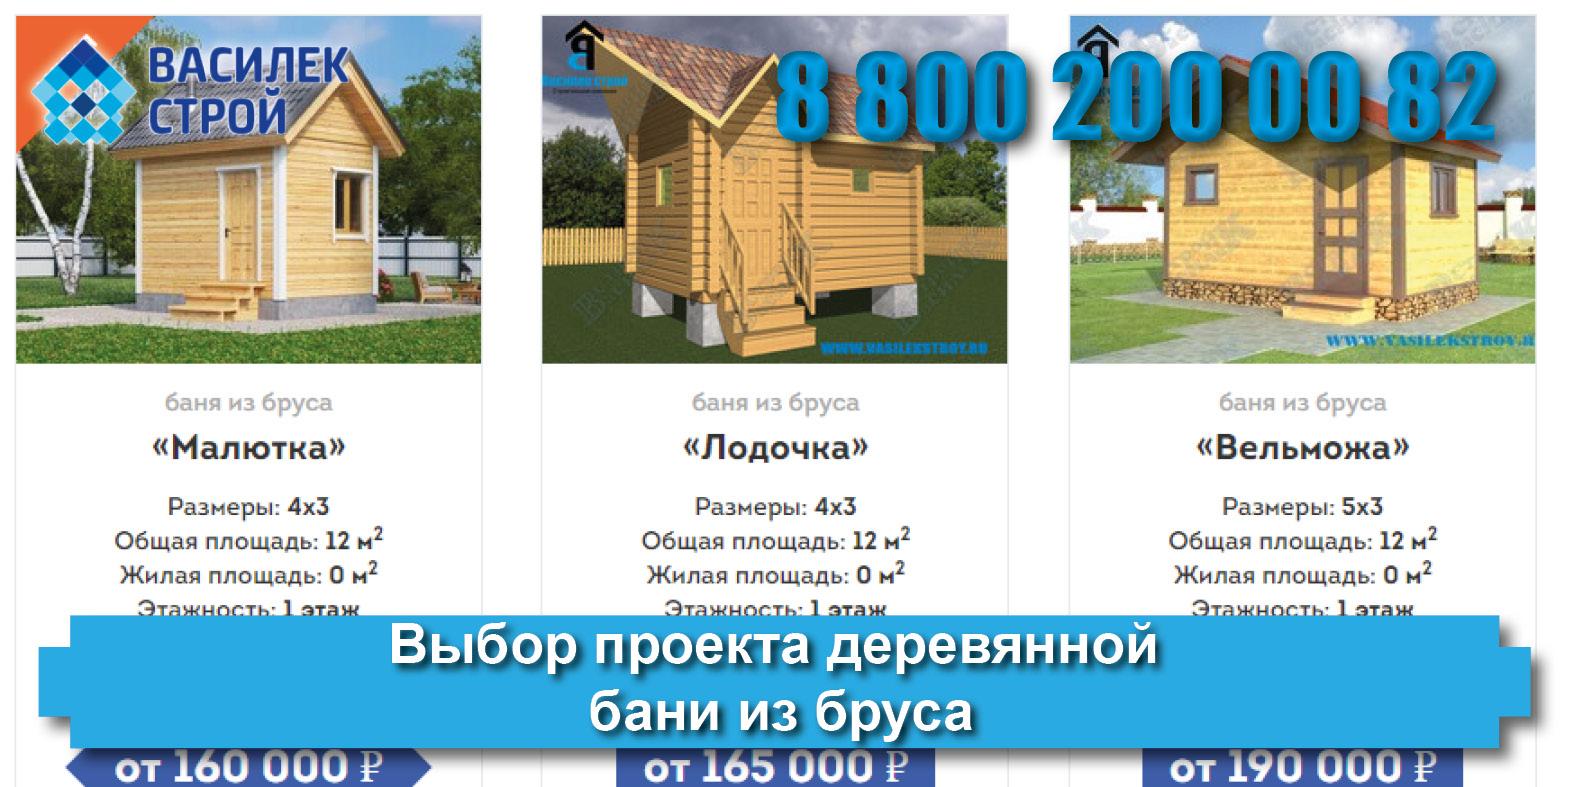 Строим бани 6х3 из бруса для узких земельных участков: выбрать подходящие проекты деревянных бань можно на нашем портале